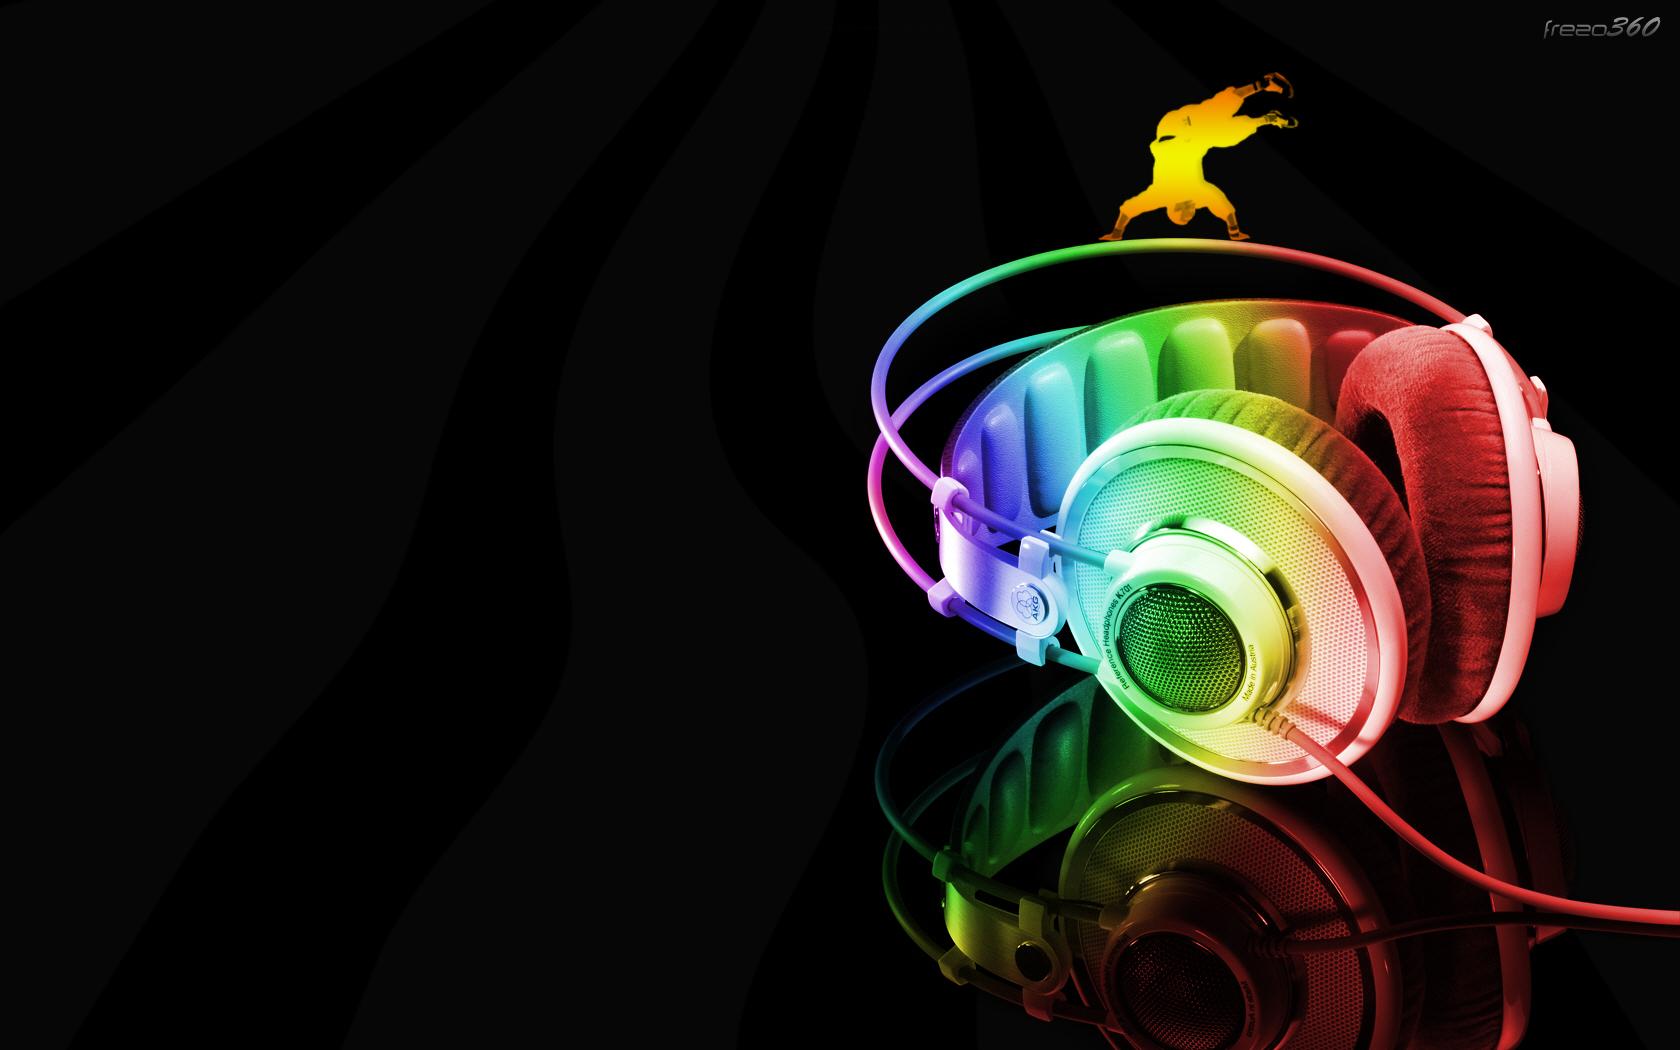 3d music hd wallpaper 3D Music | Clipart Panda - Free ...